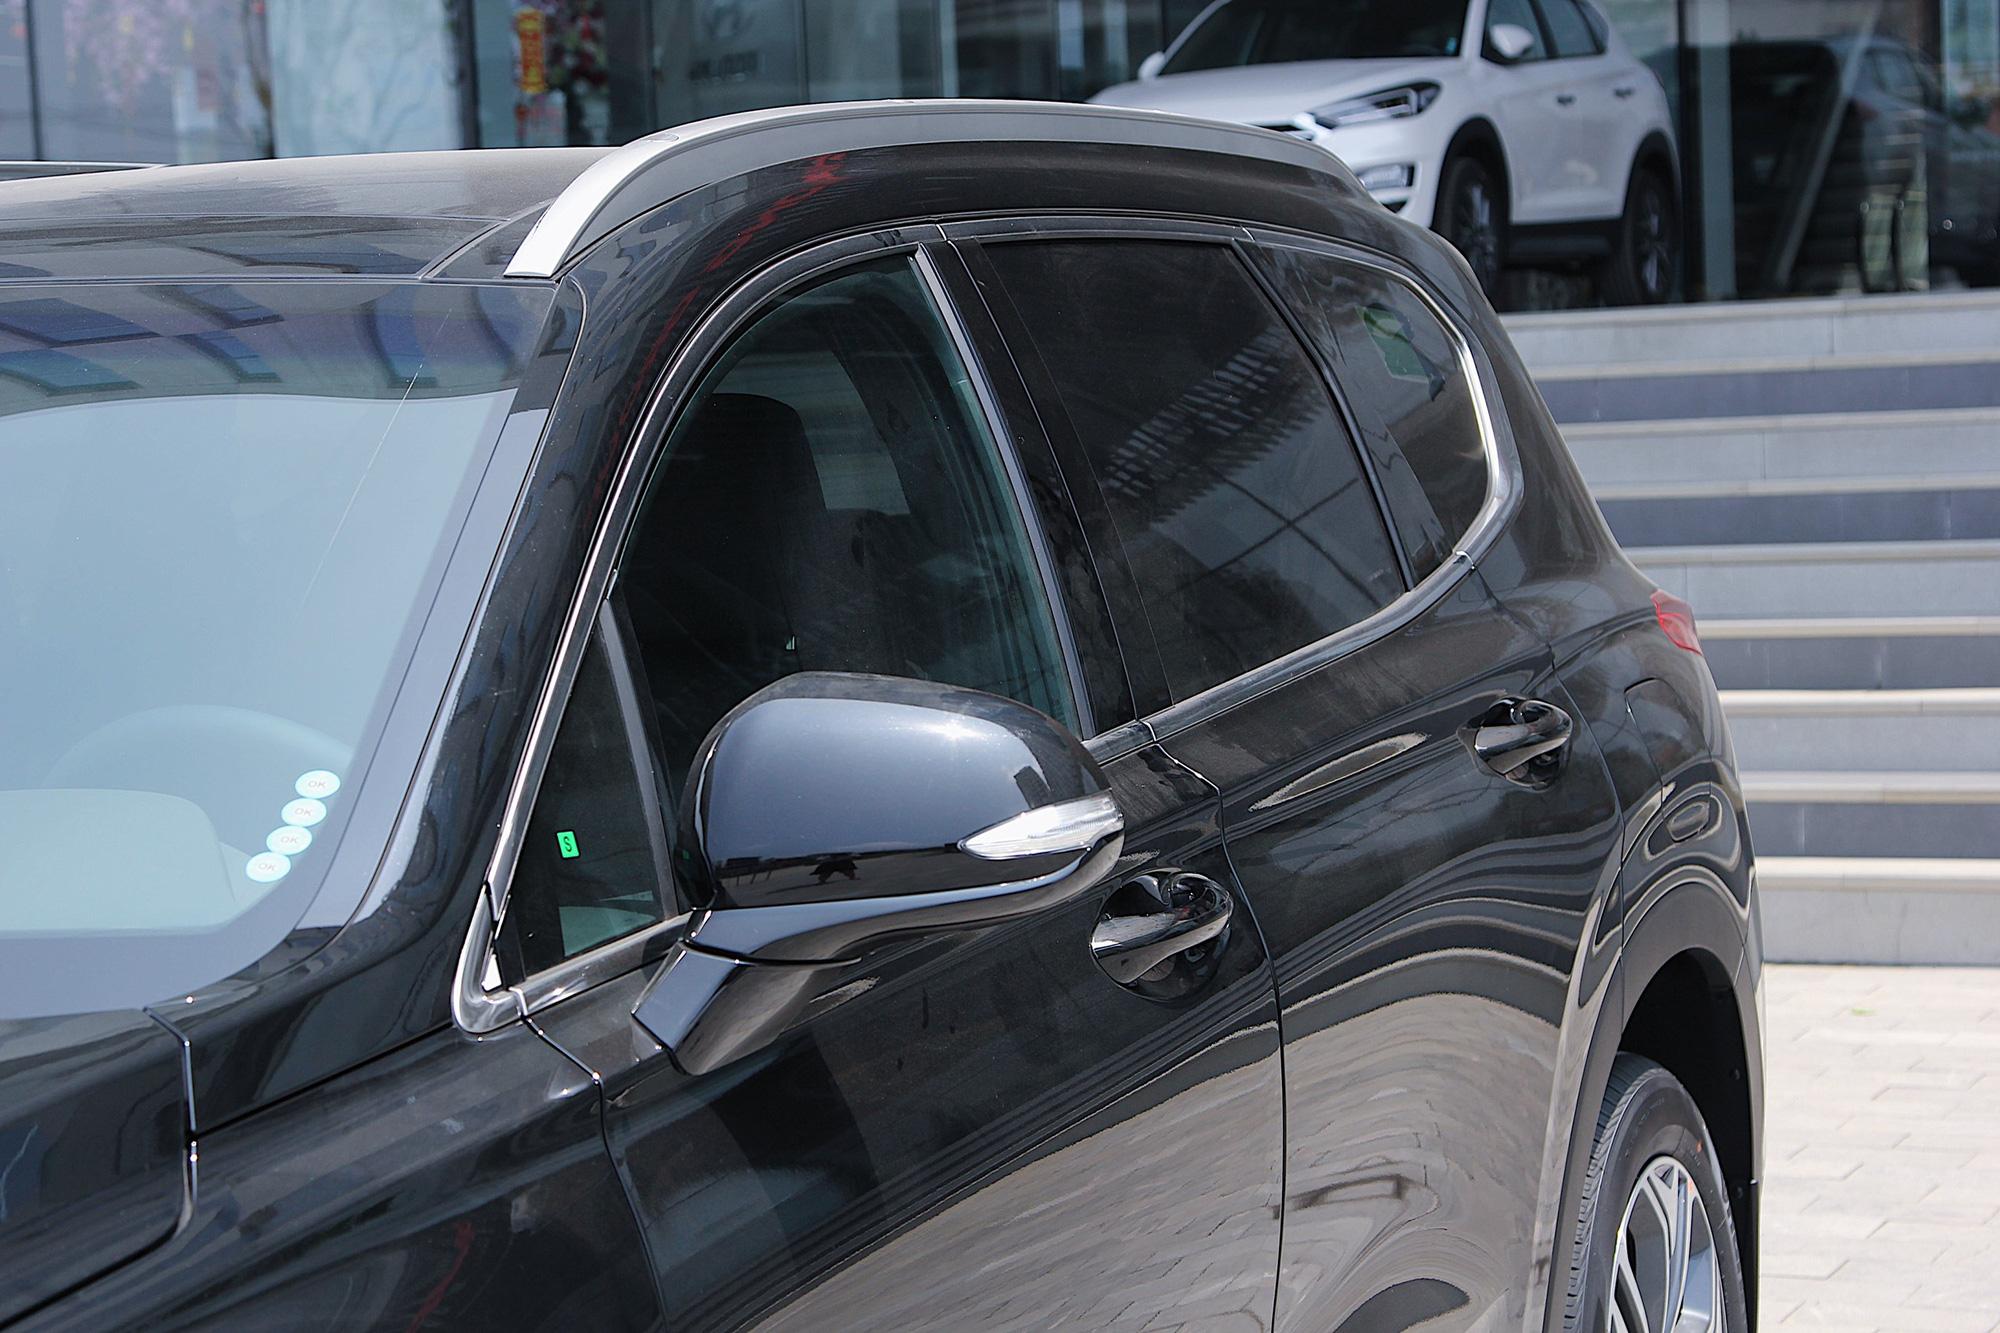 Phân khúc 1 tỷ đồng, chủ xe Hyundai SantaFe đánh giá ngỡ ngang - Ảnh 5.